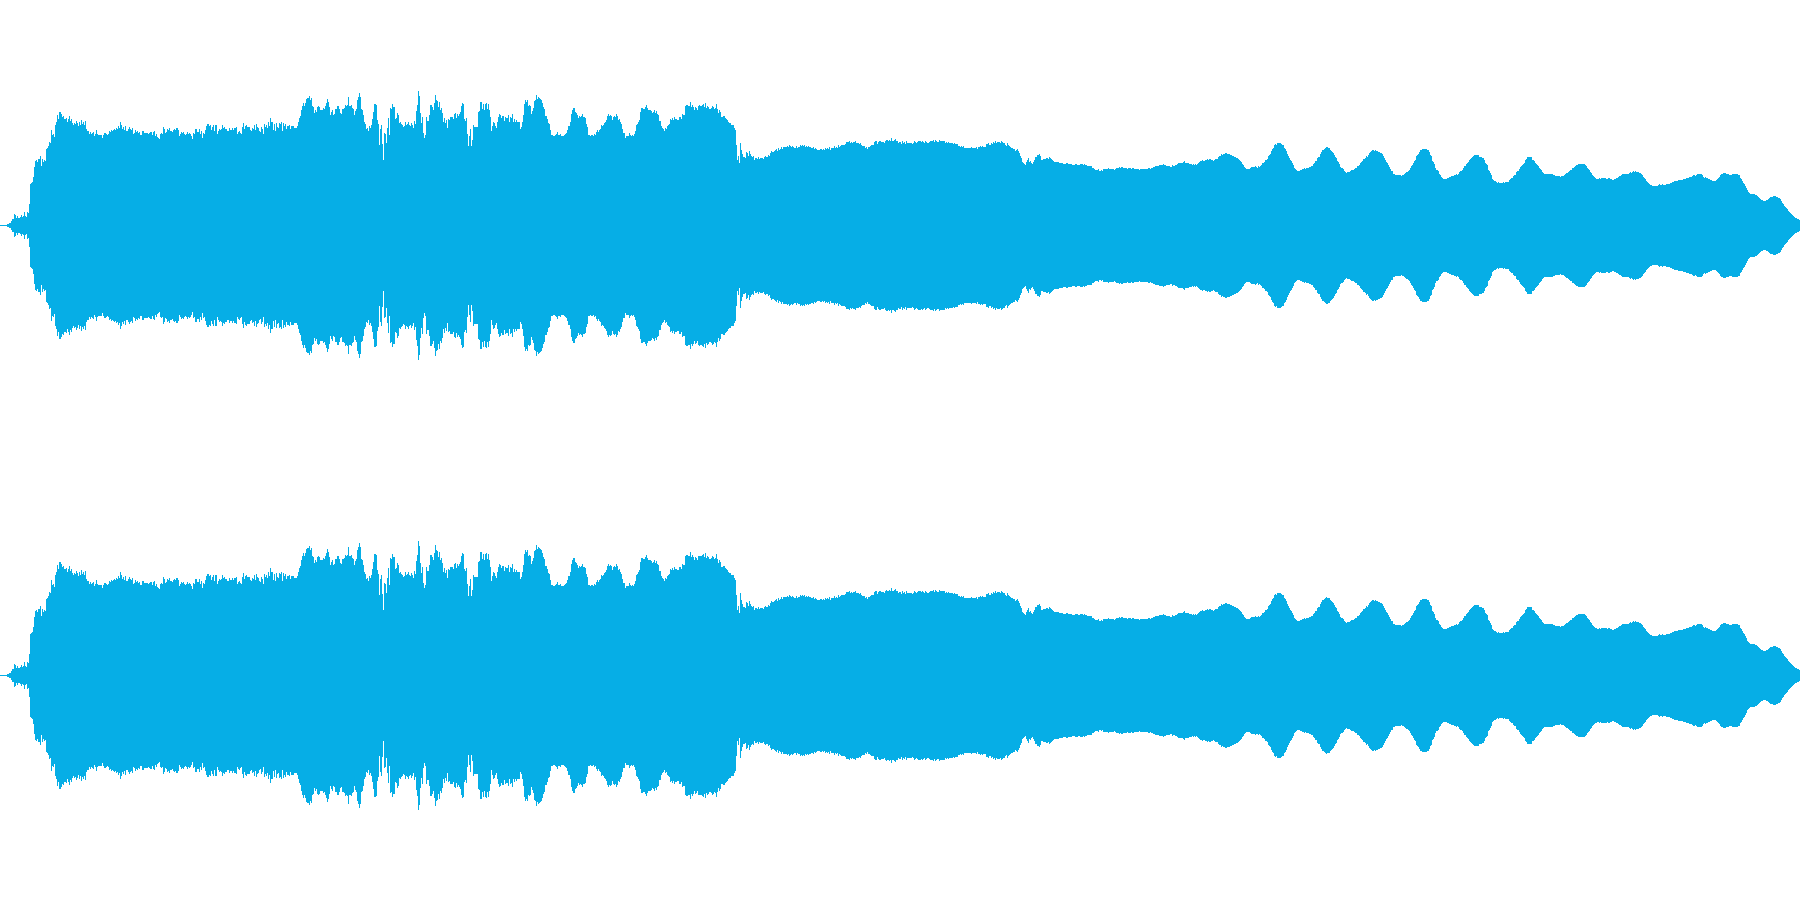 こぶし03(B)の再生済みの波形